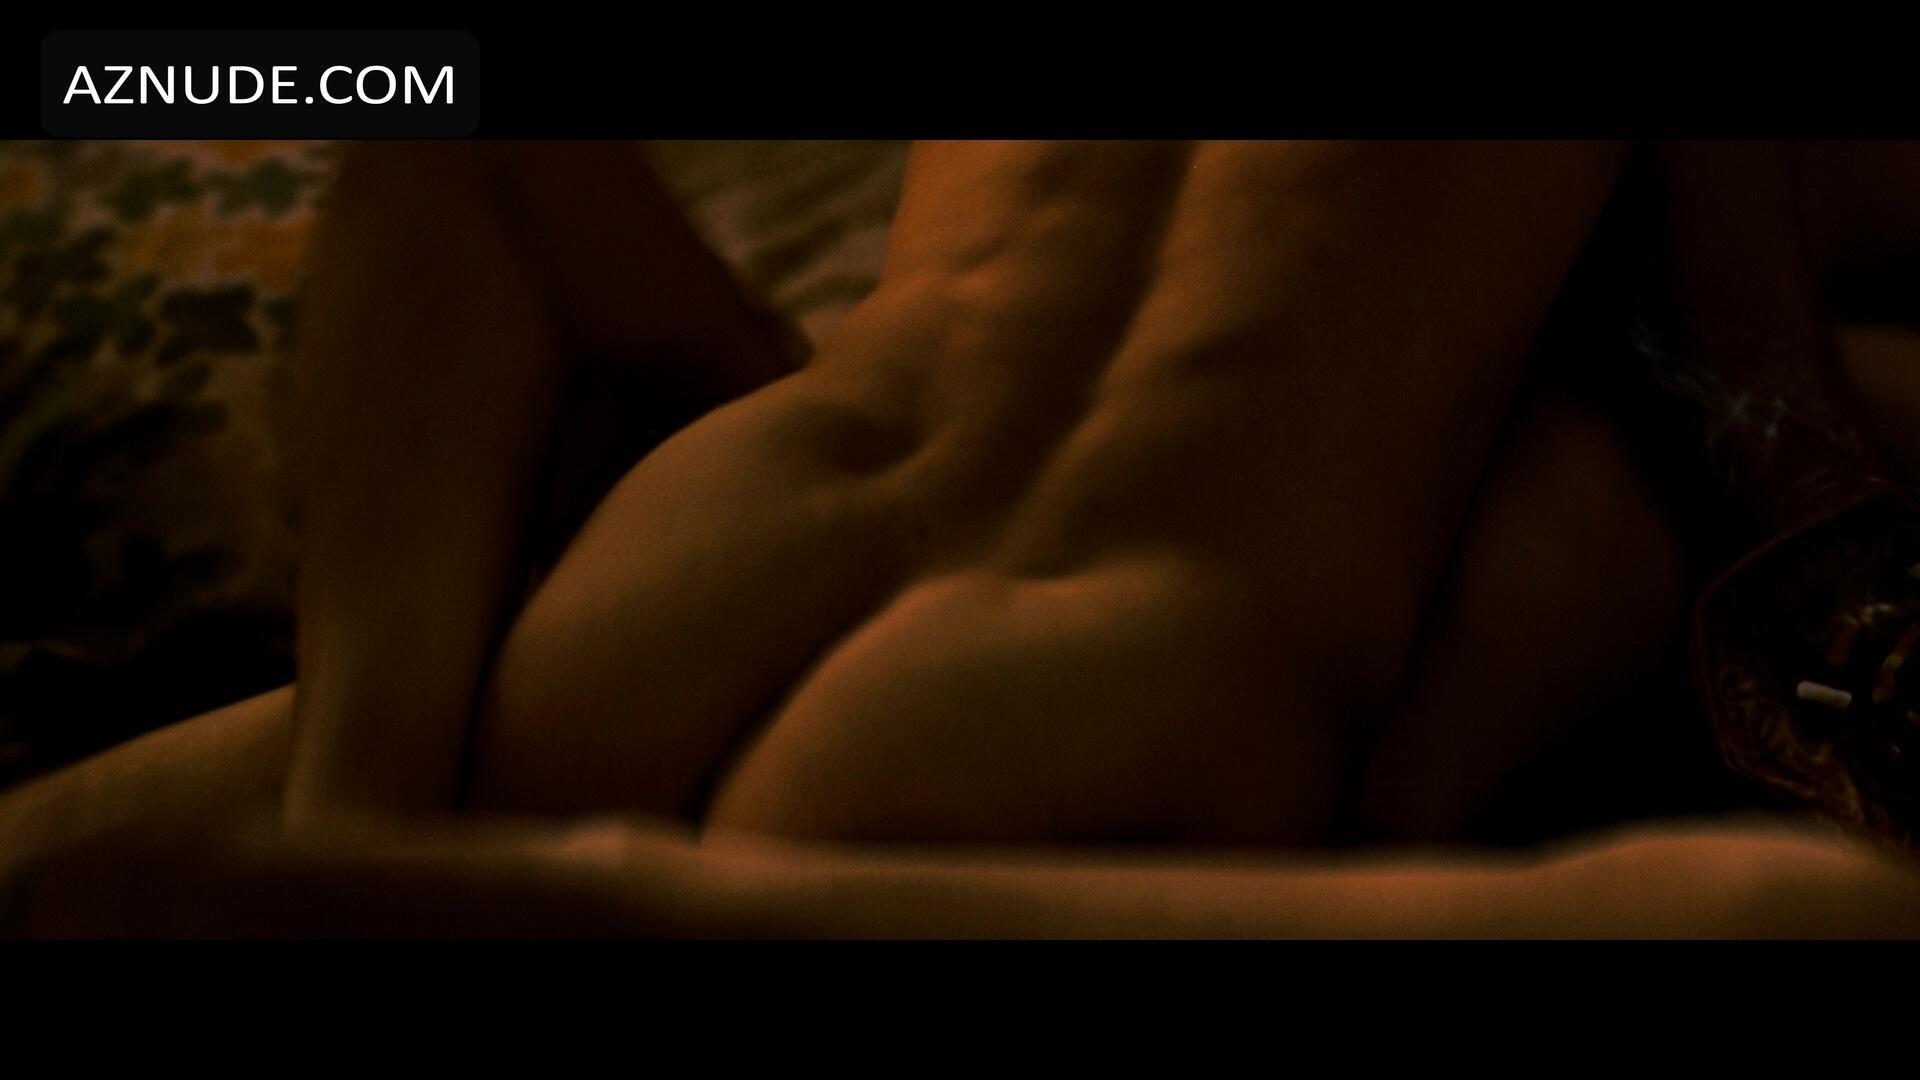 Edward Norton Naked